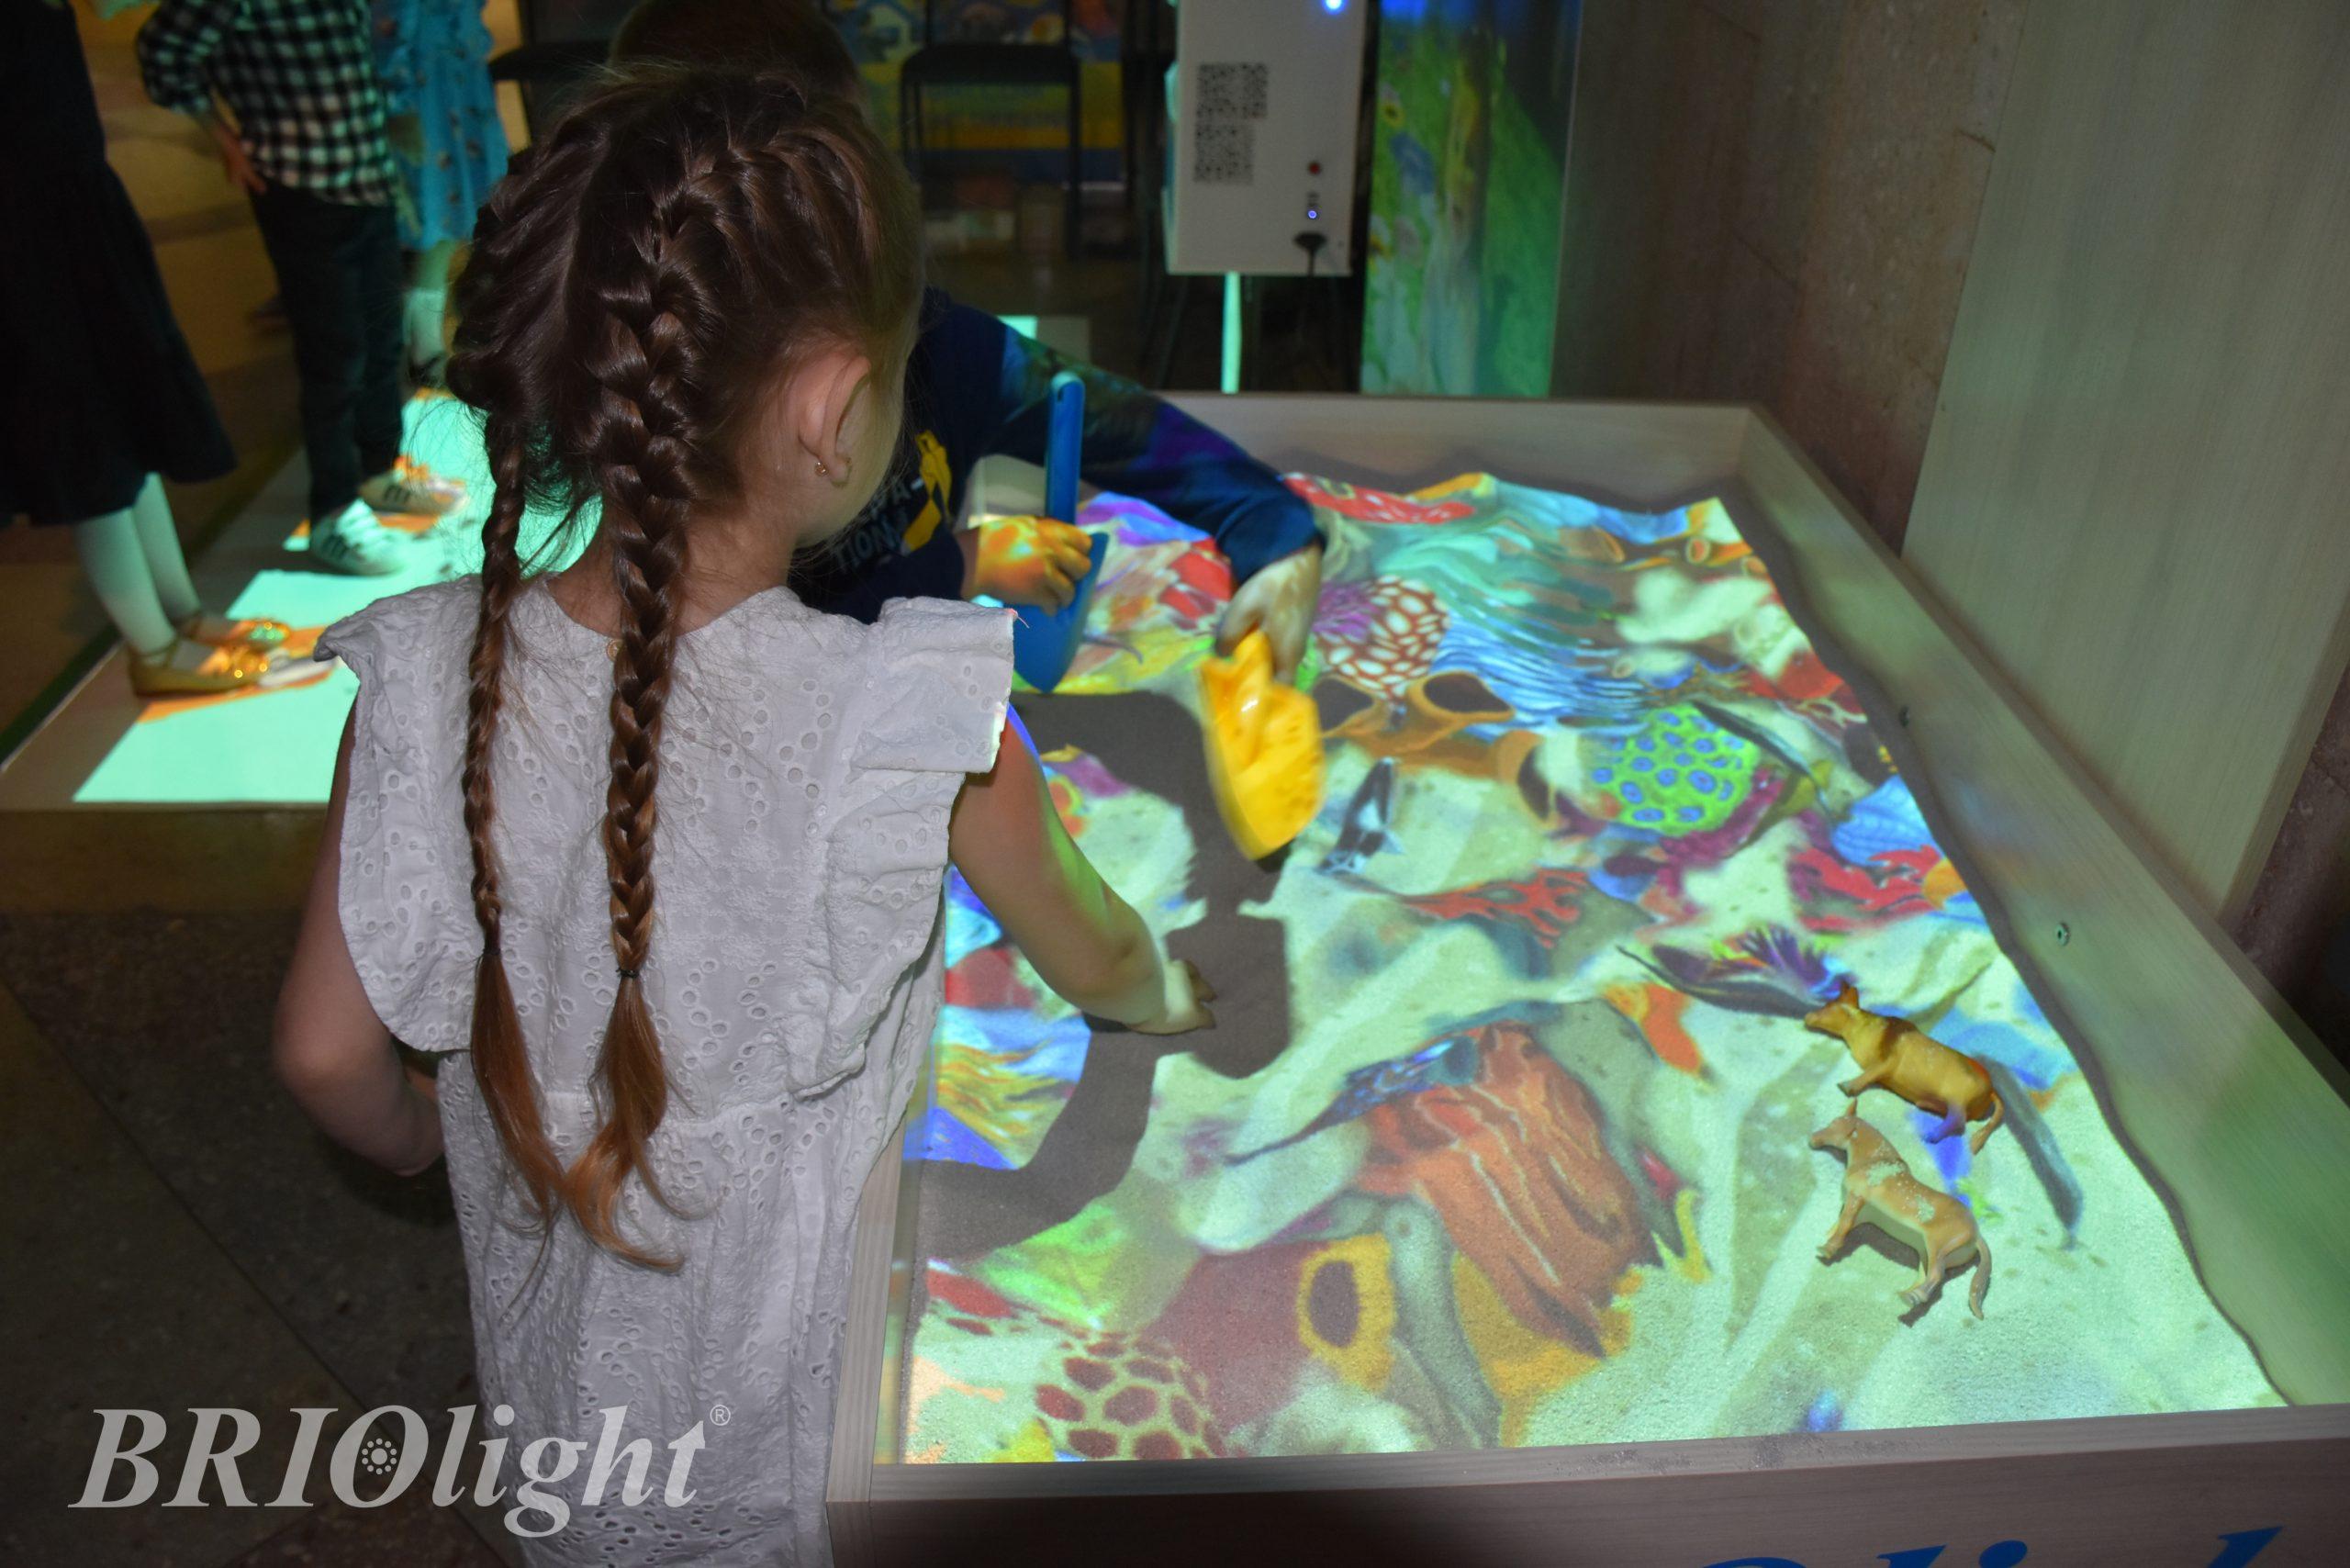 Інтерактивні технології для вихователя